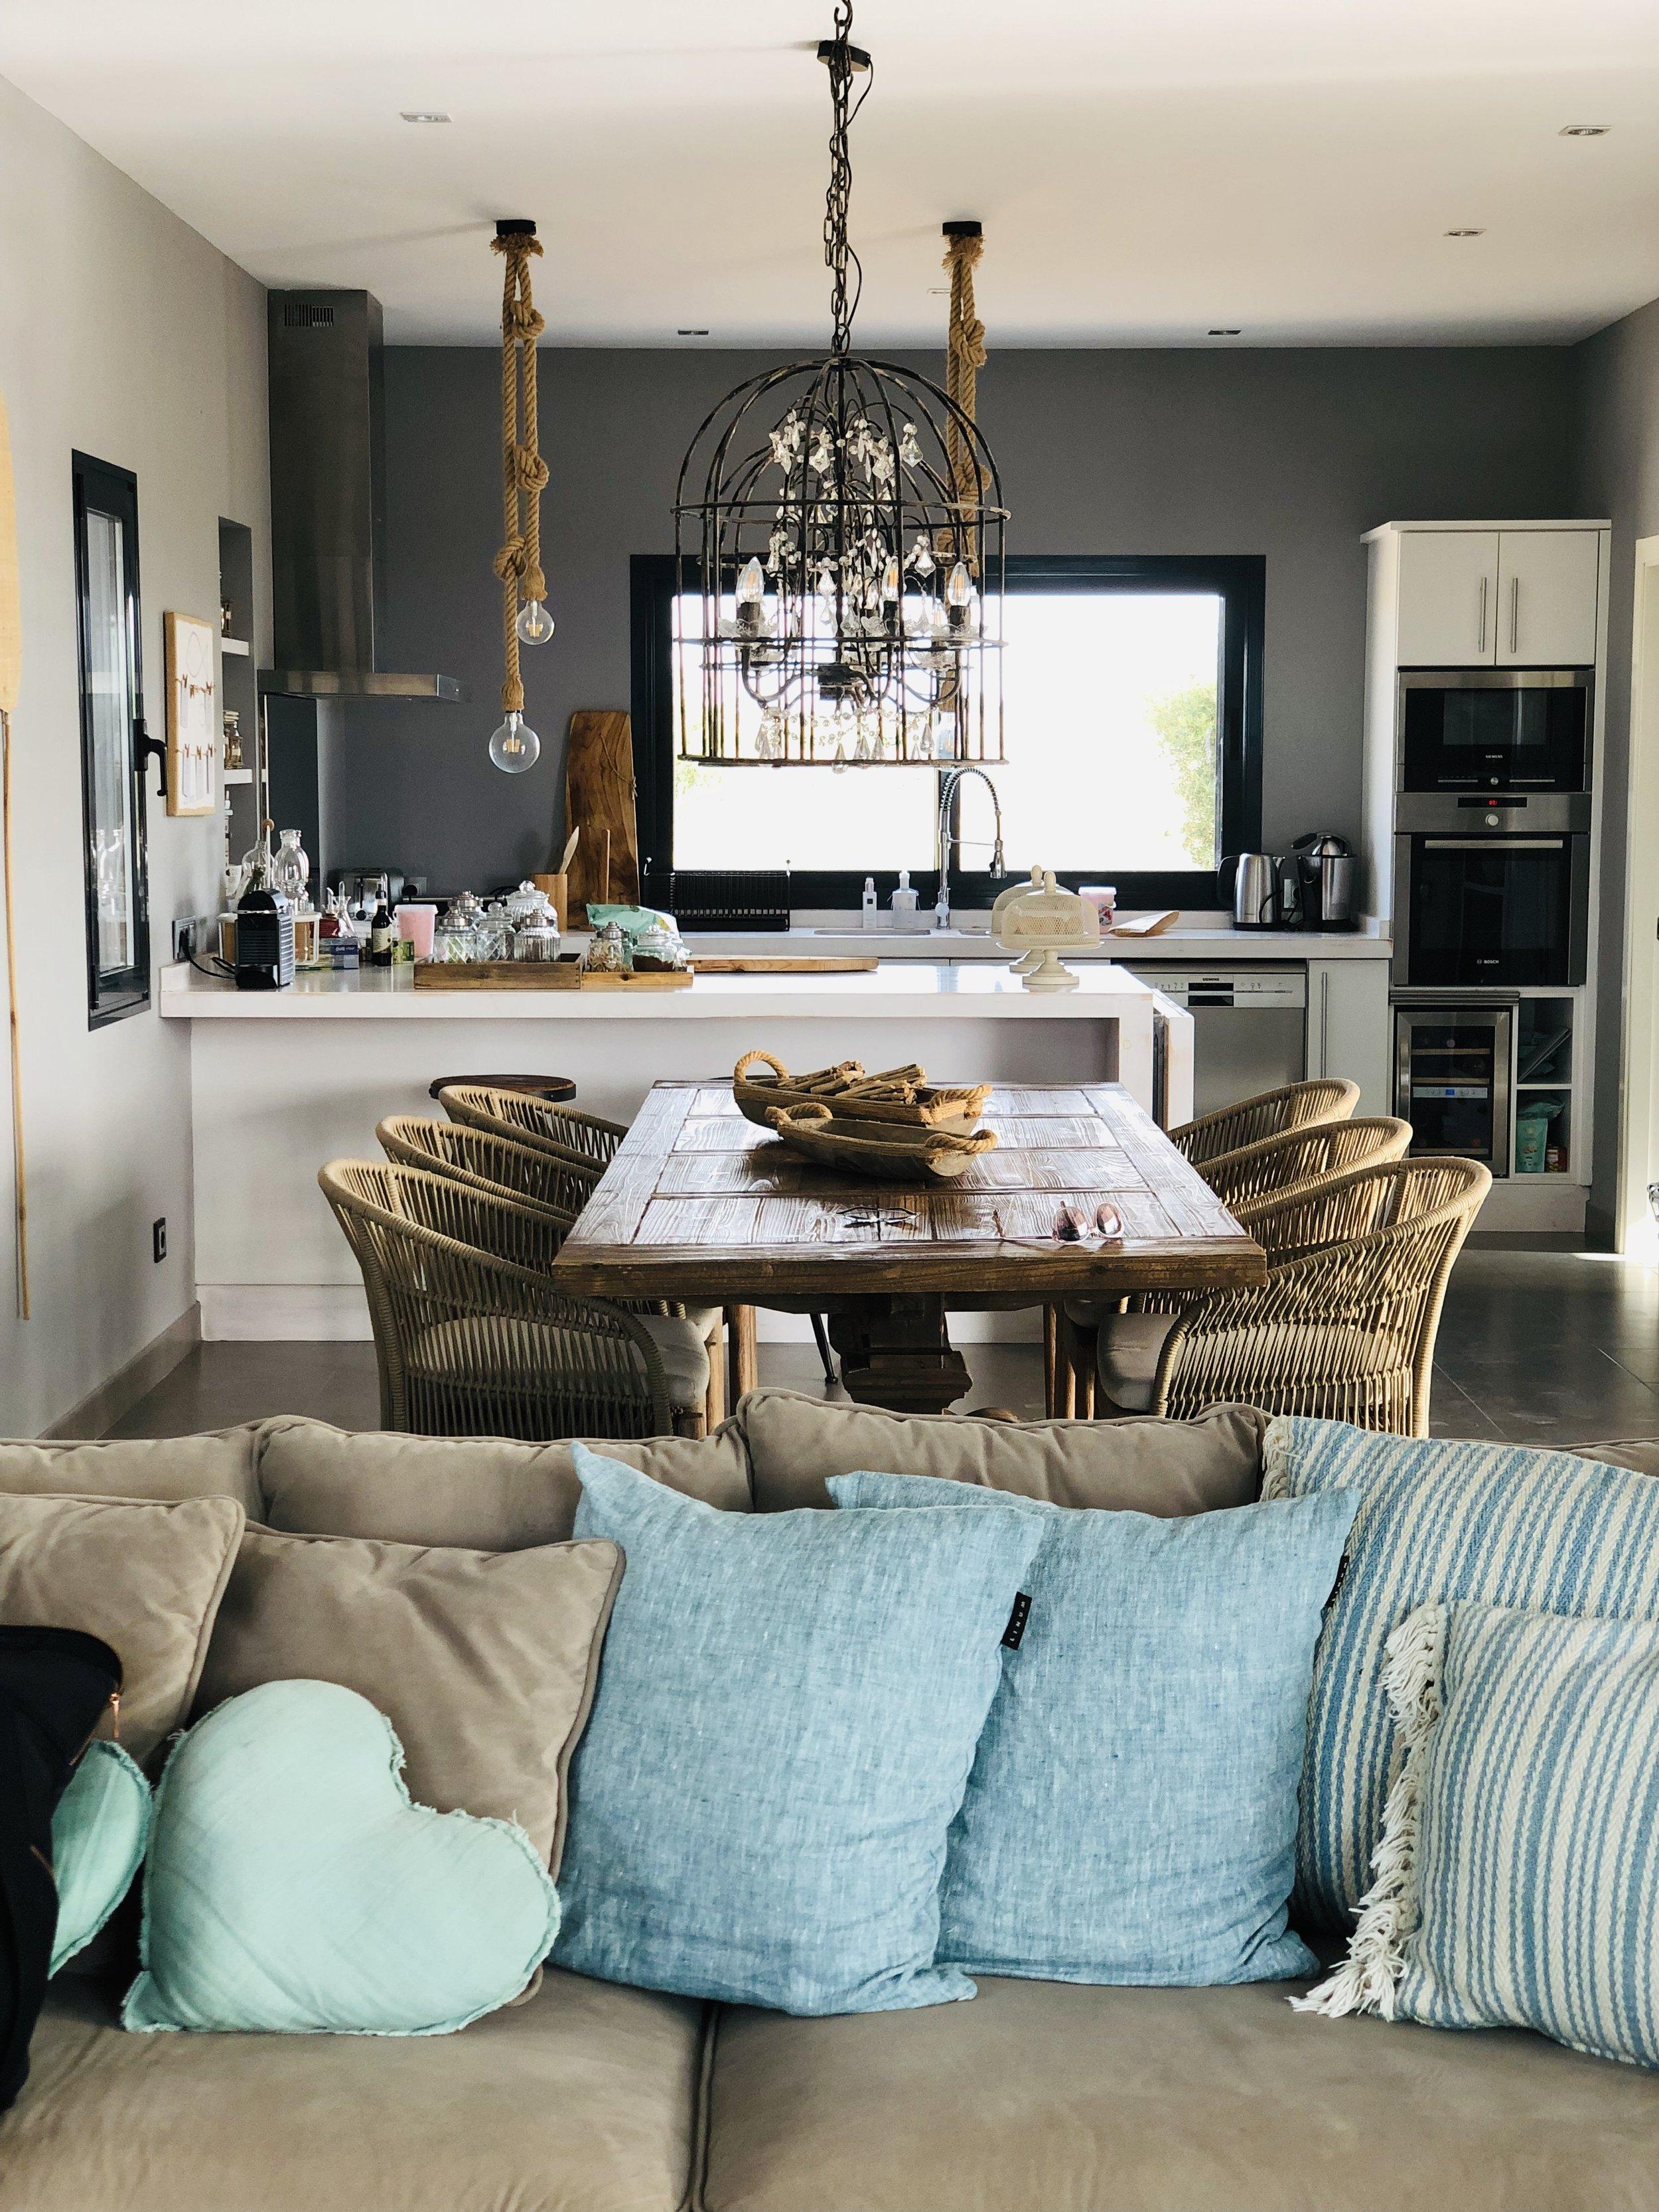 Somnis_Formentera_kitchen.jpeg